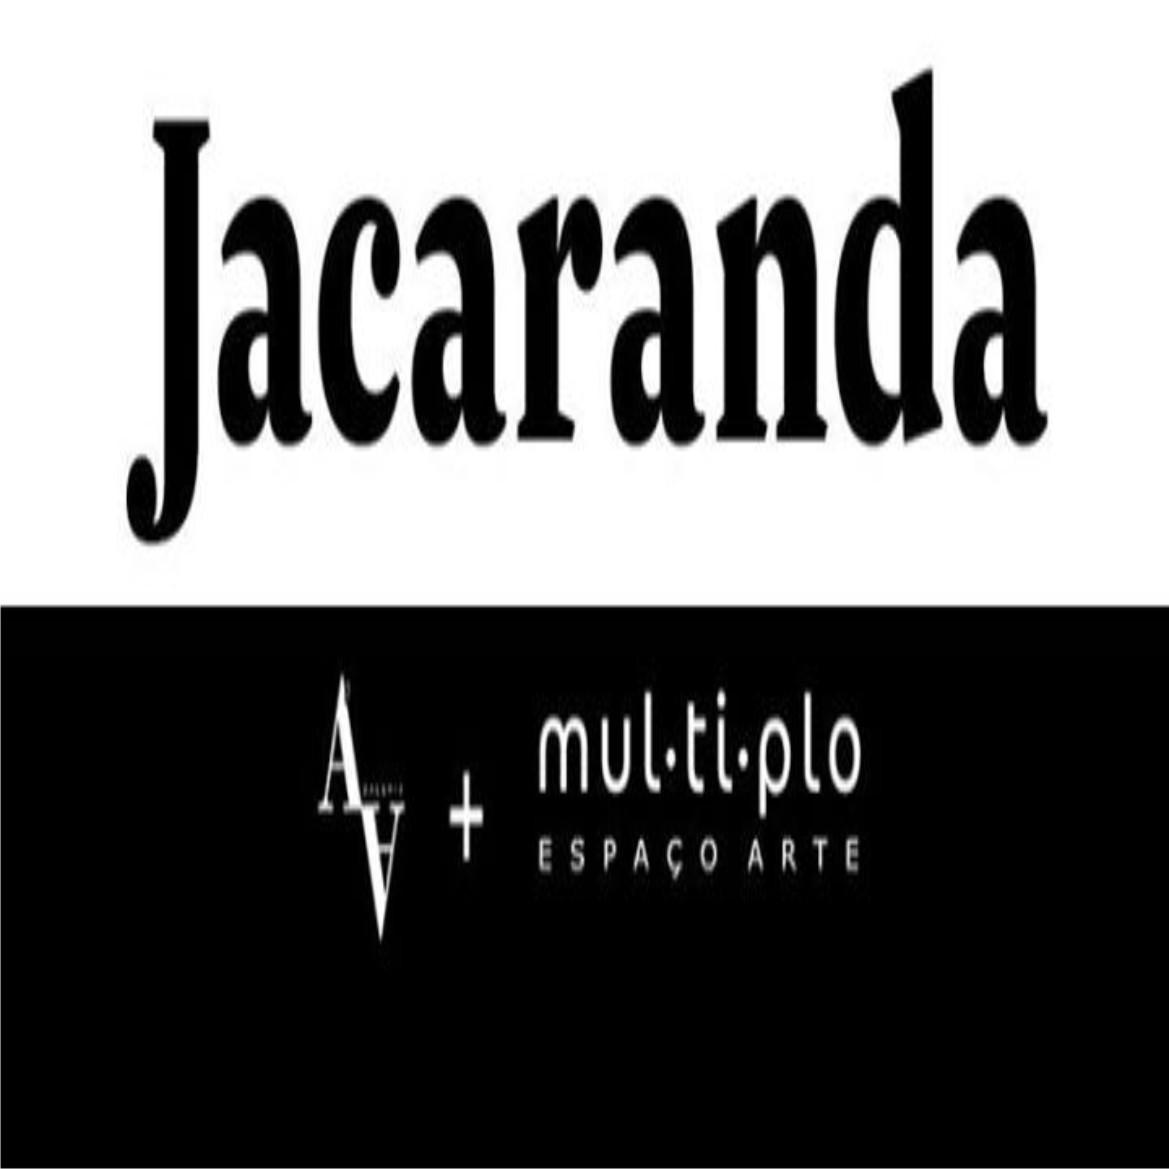 Exposições - Jacaranda